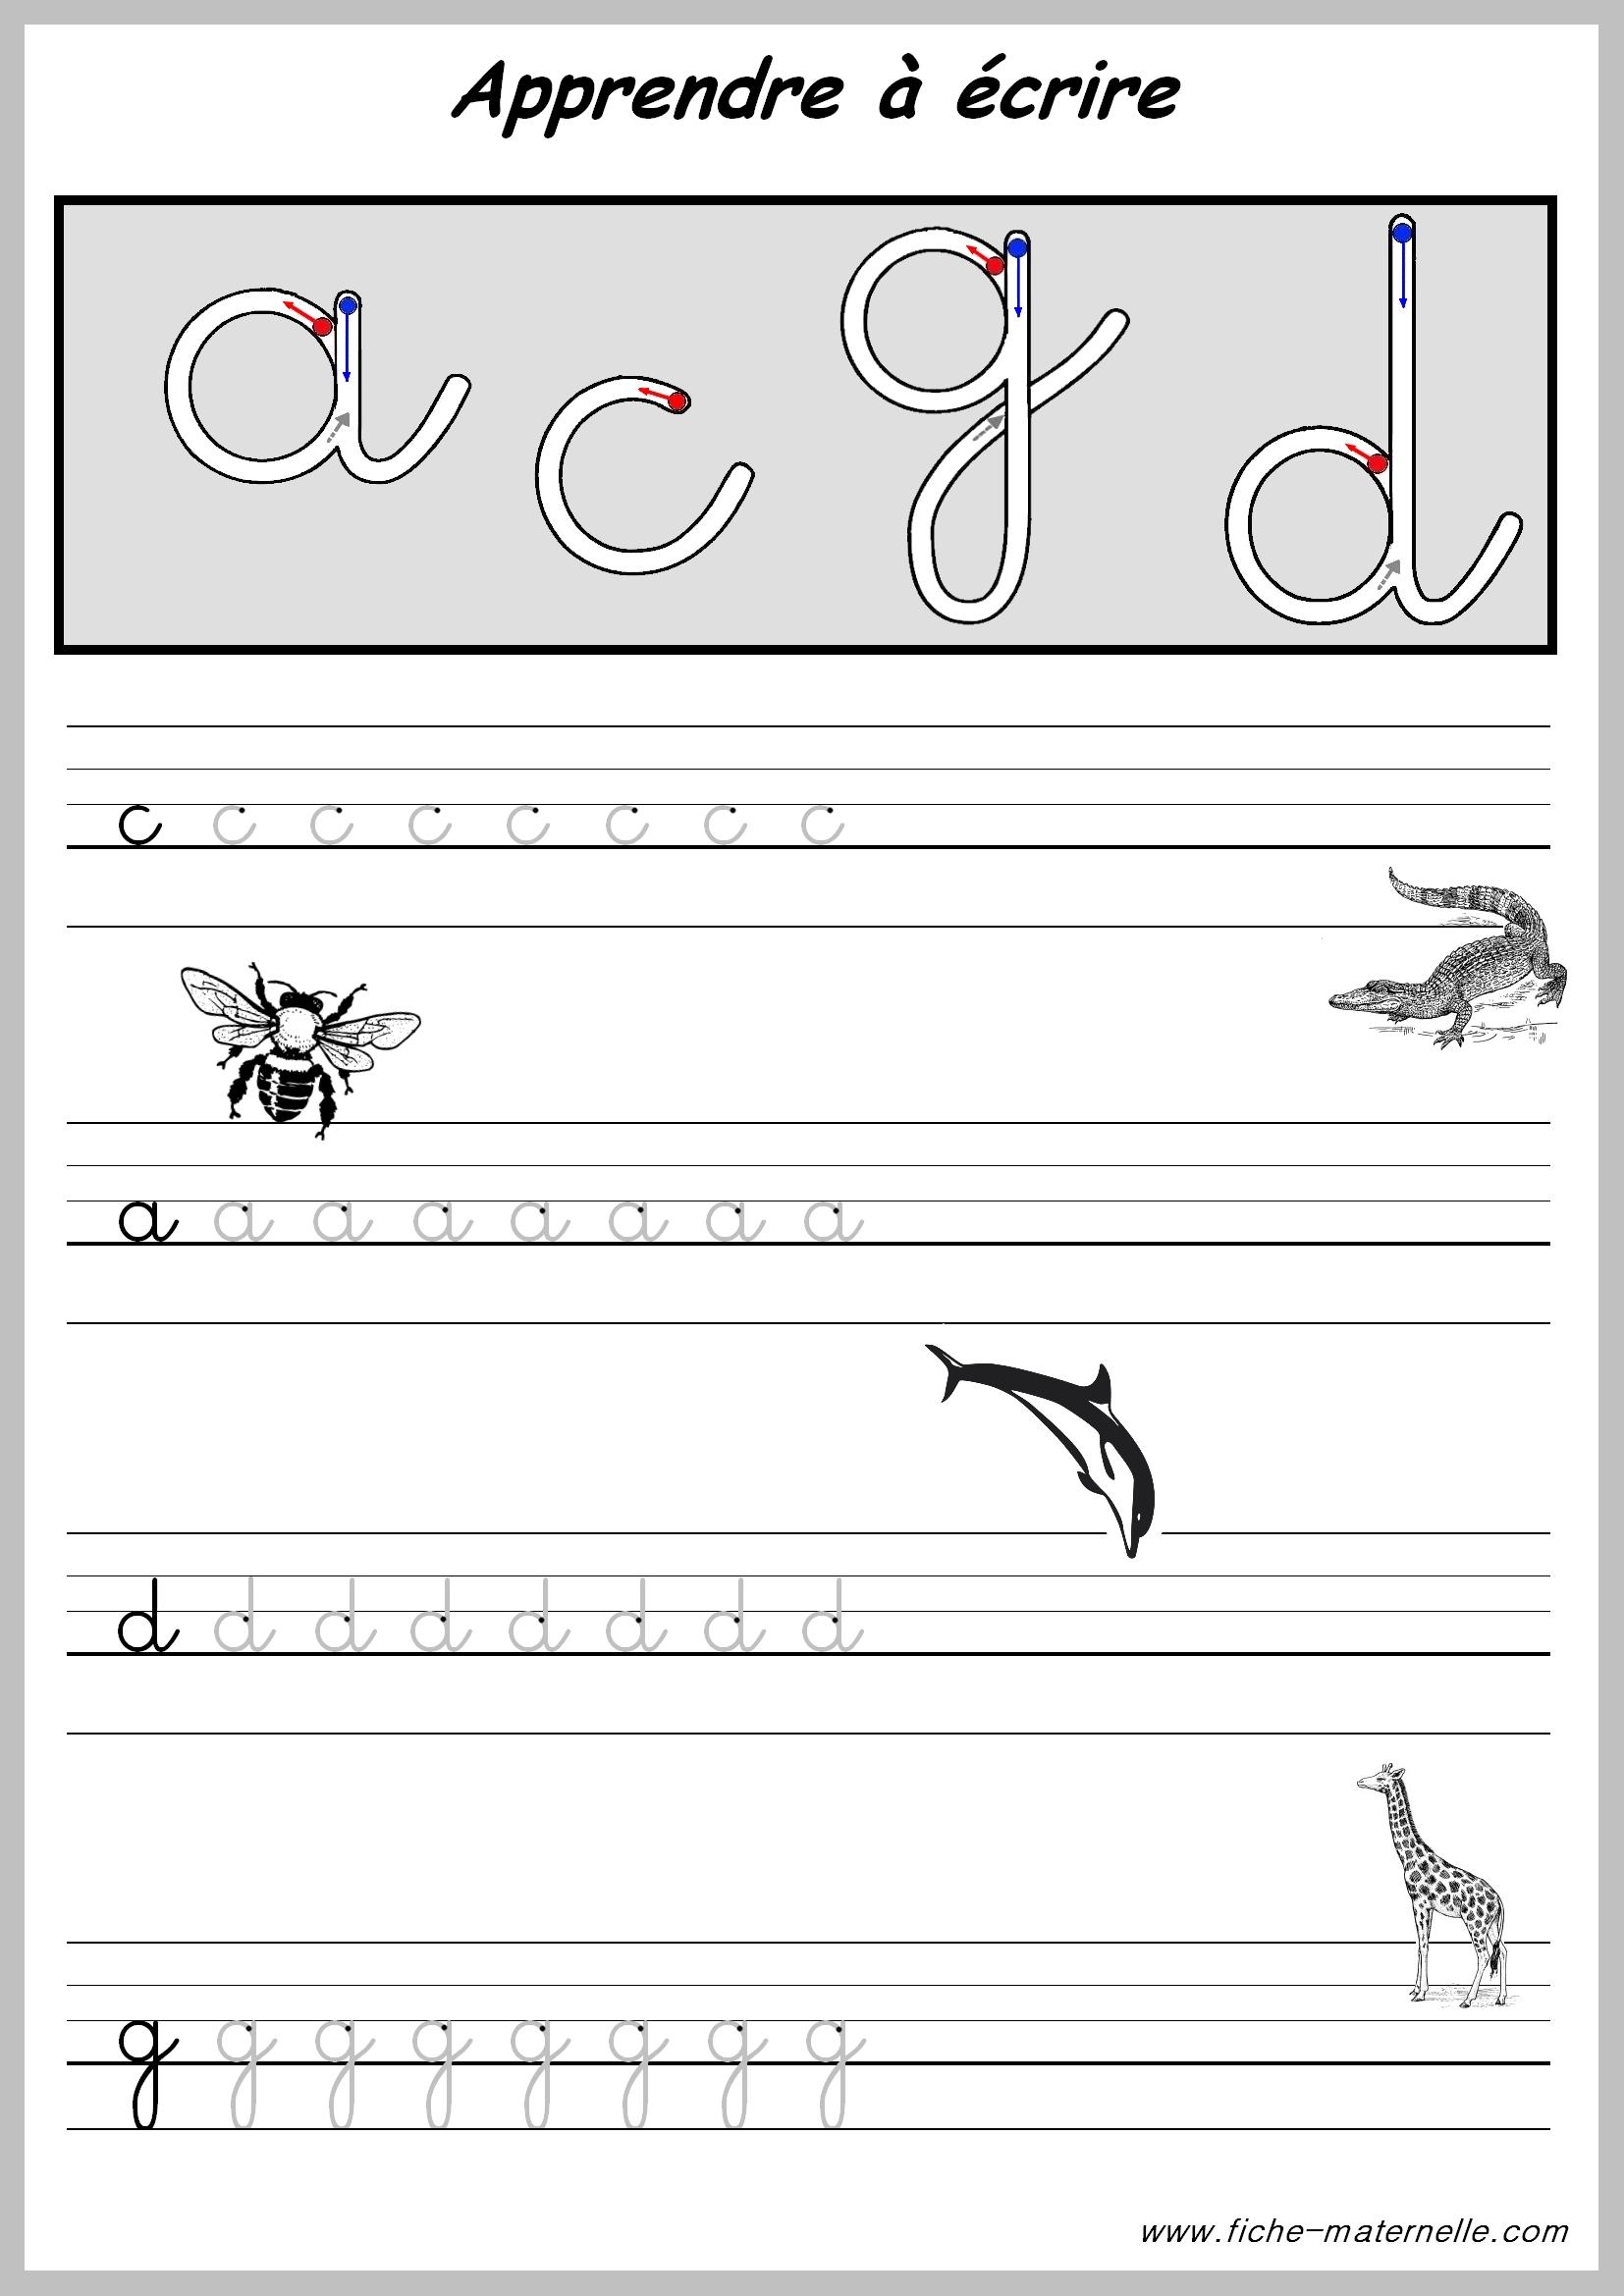 Exercices pour apprendre a ecrire - Alphabet francais maternelle ...